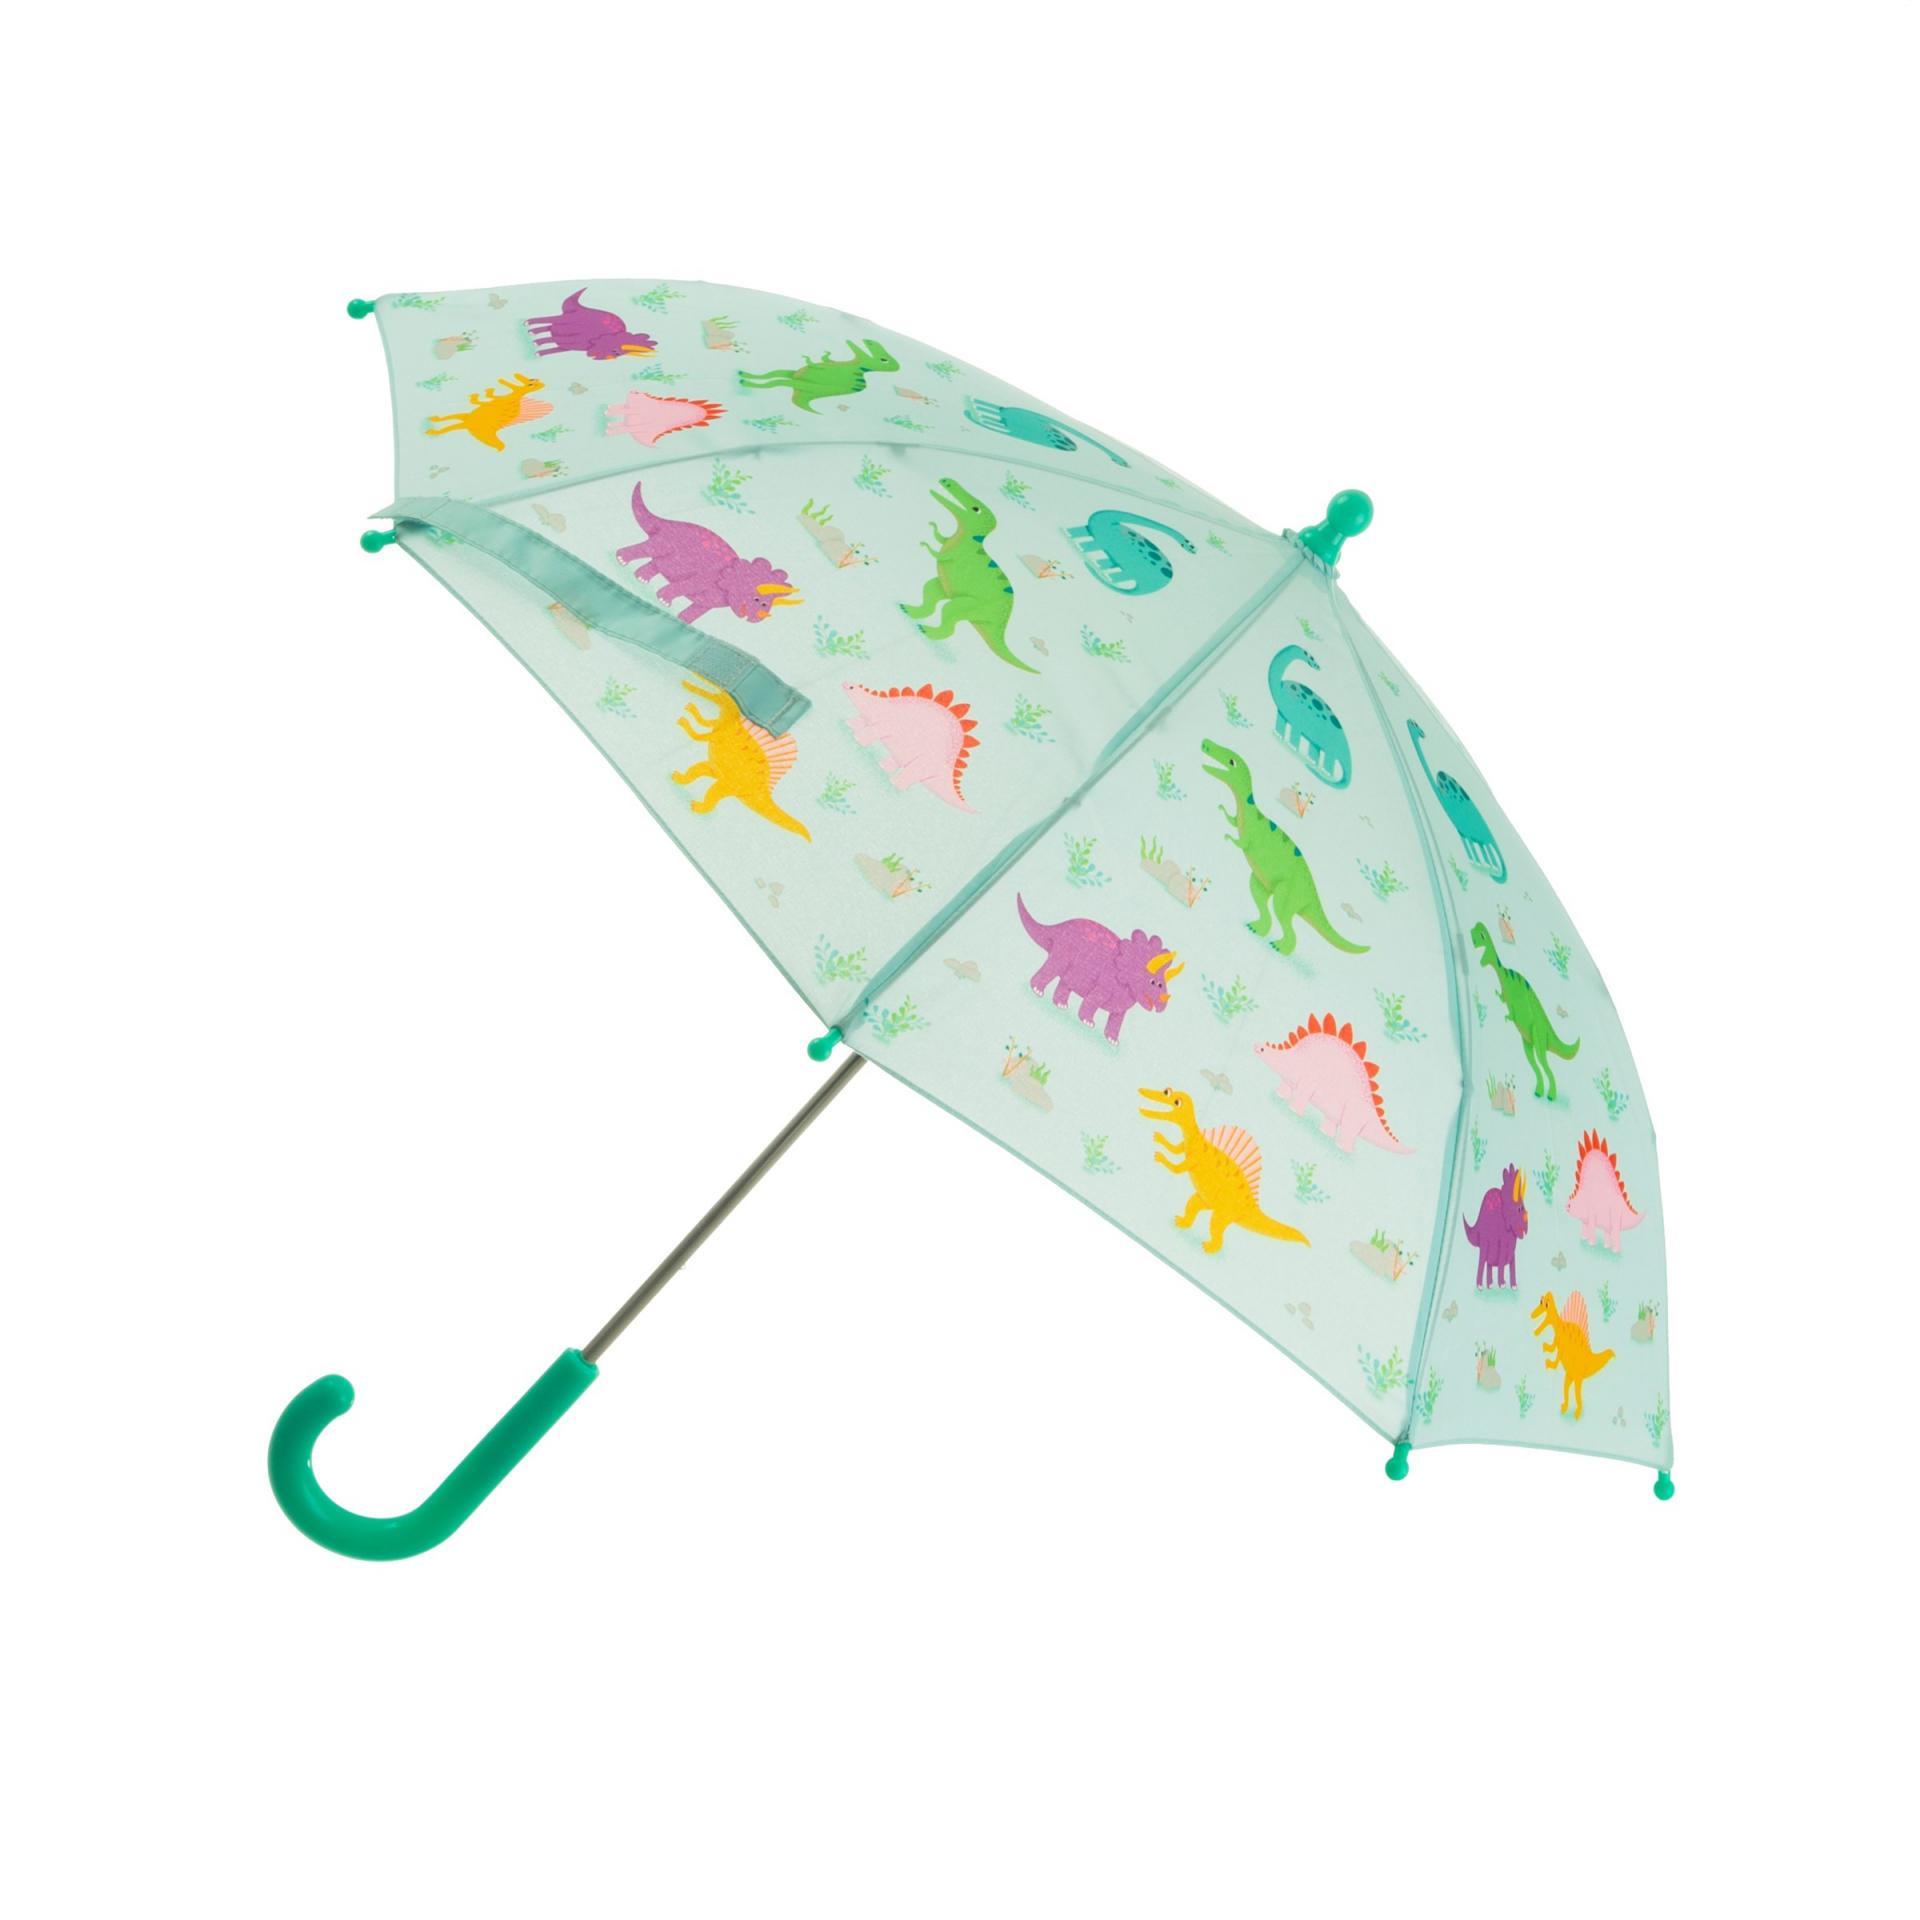 sass & belle Dětský deštník Dinosaurs, zelená barva, multi barva, kov, plast